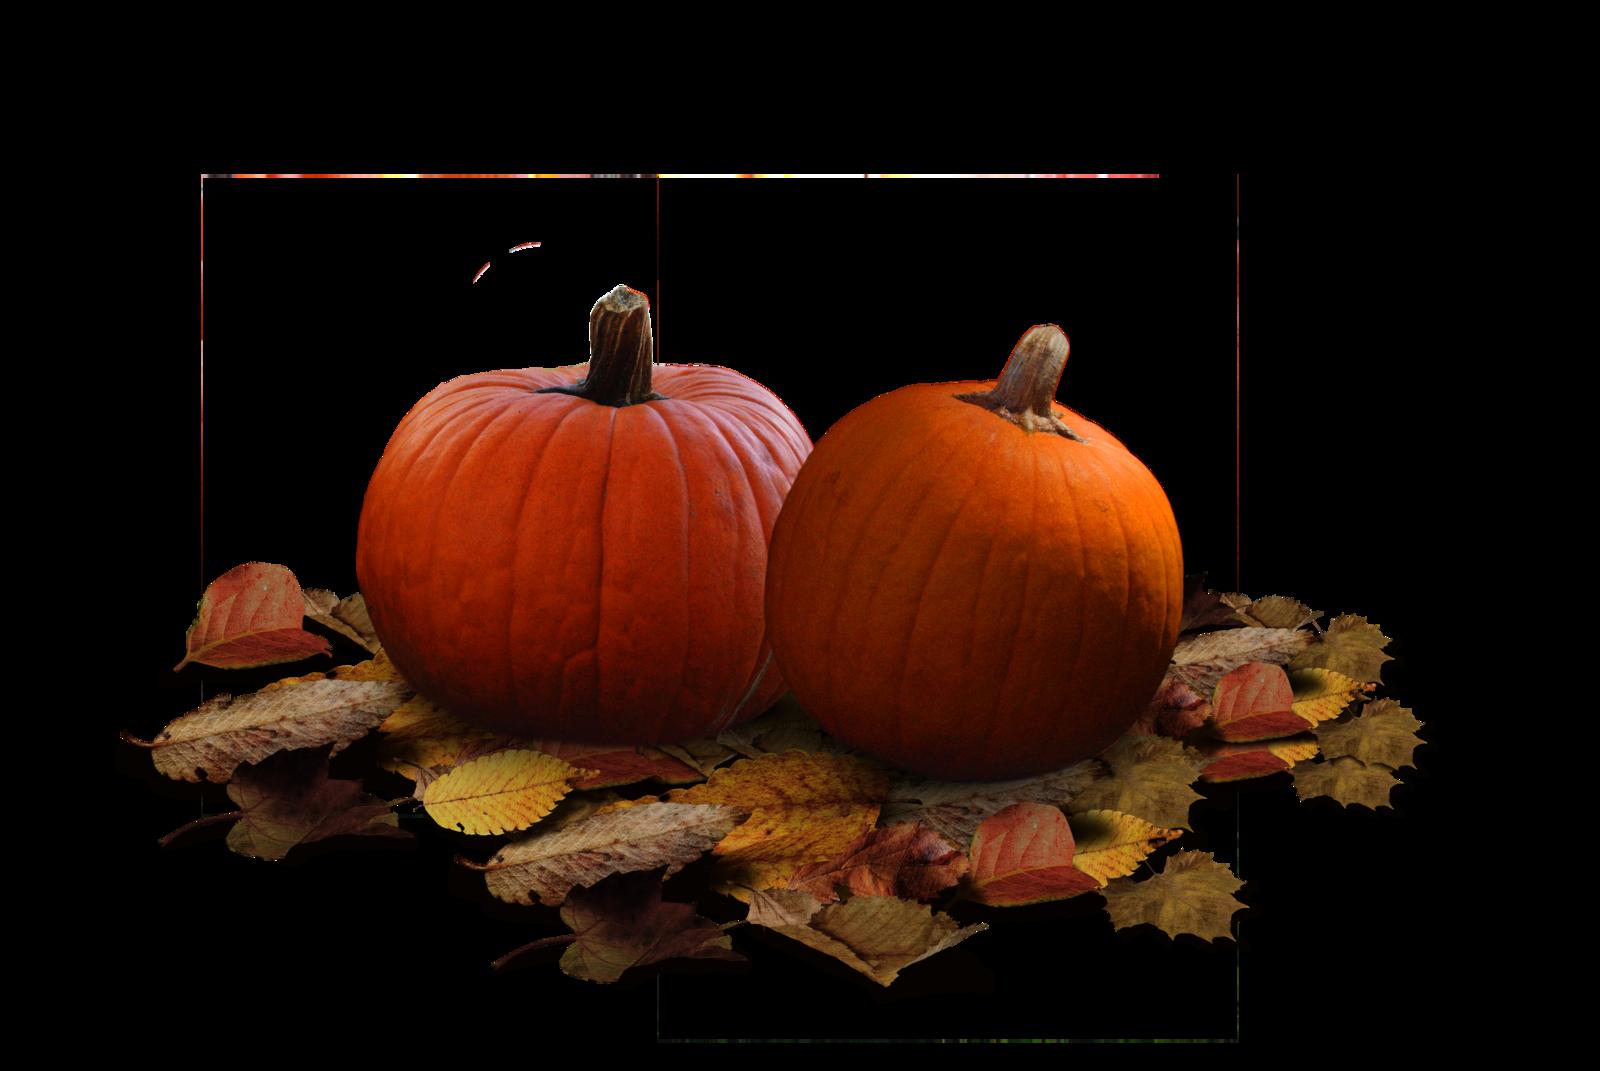 . PlusPng.com Pumpkin Patch Stock PNG by KarahRobinson-Art - PNG Pumpkin Patch